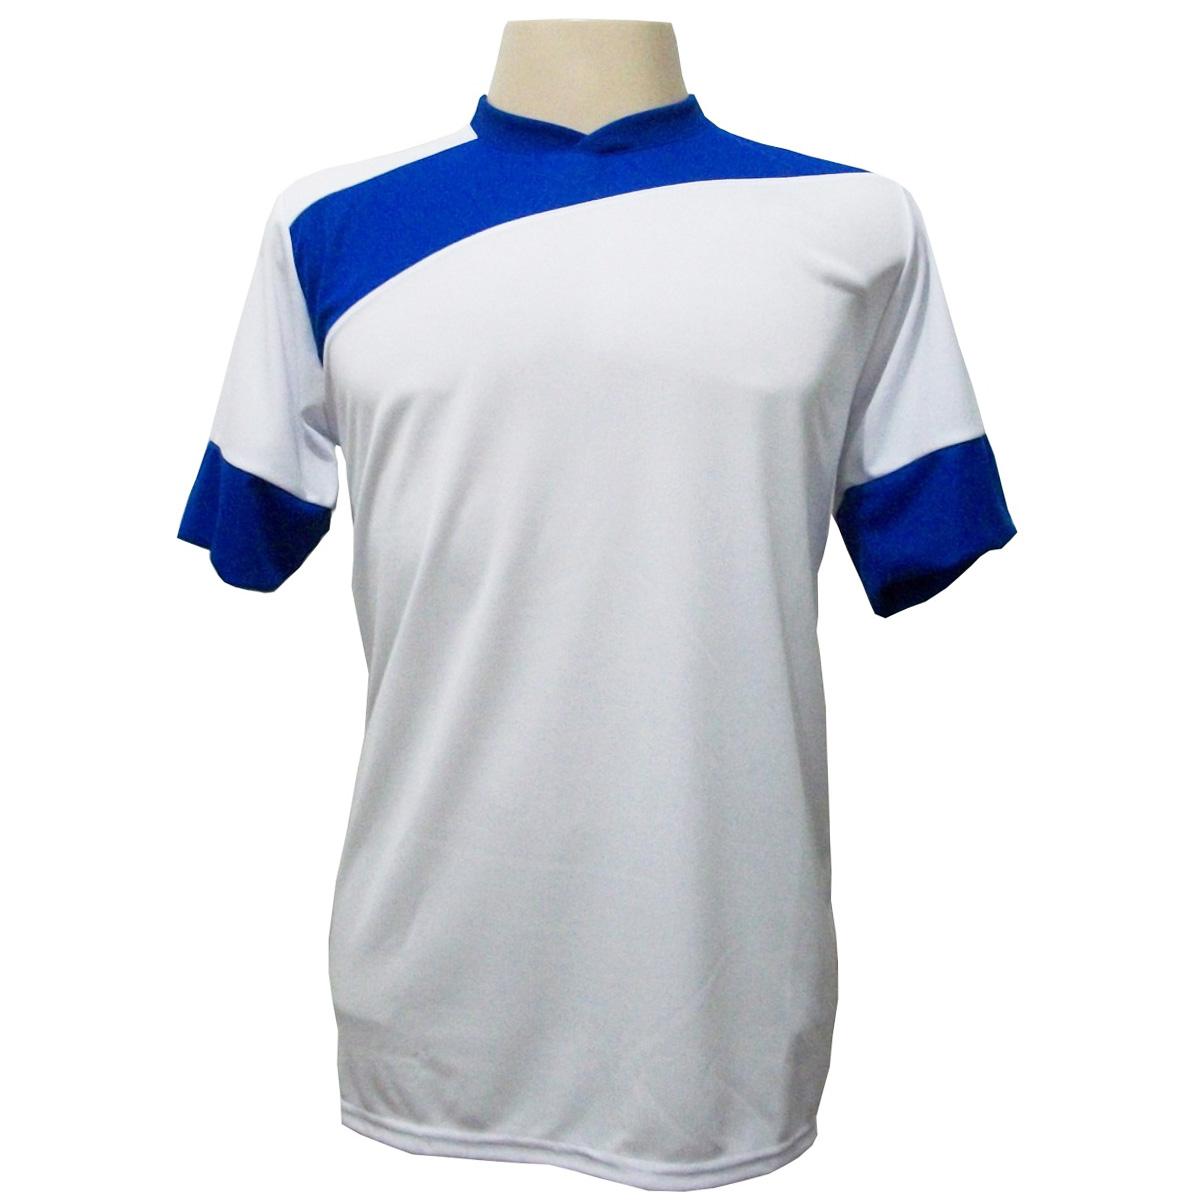 Uniforme Esportivo Completo modelo Sporting 14+1 (14 camisas Branco/Royal + 14 calções modelo Copa Royal/Branco + 14 pares de meiões Royal + 1 conjunto de goleiro) + Brindes